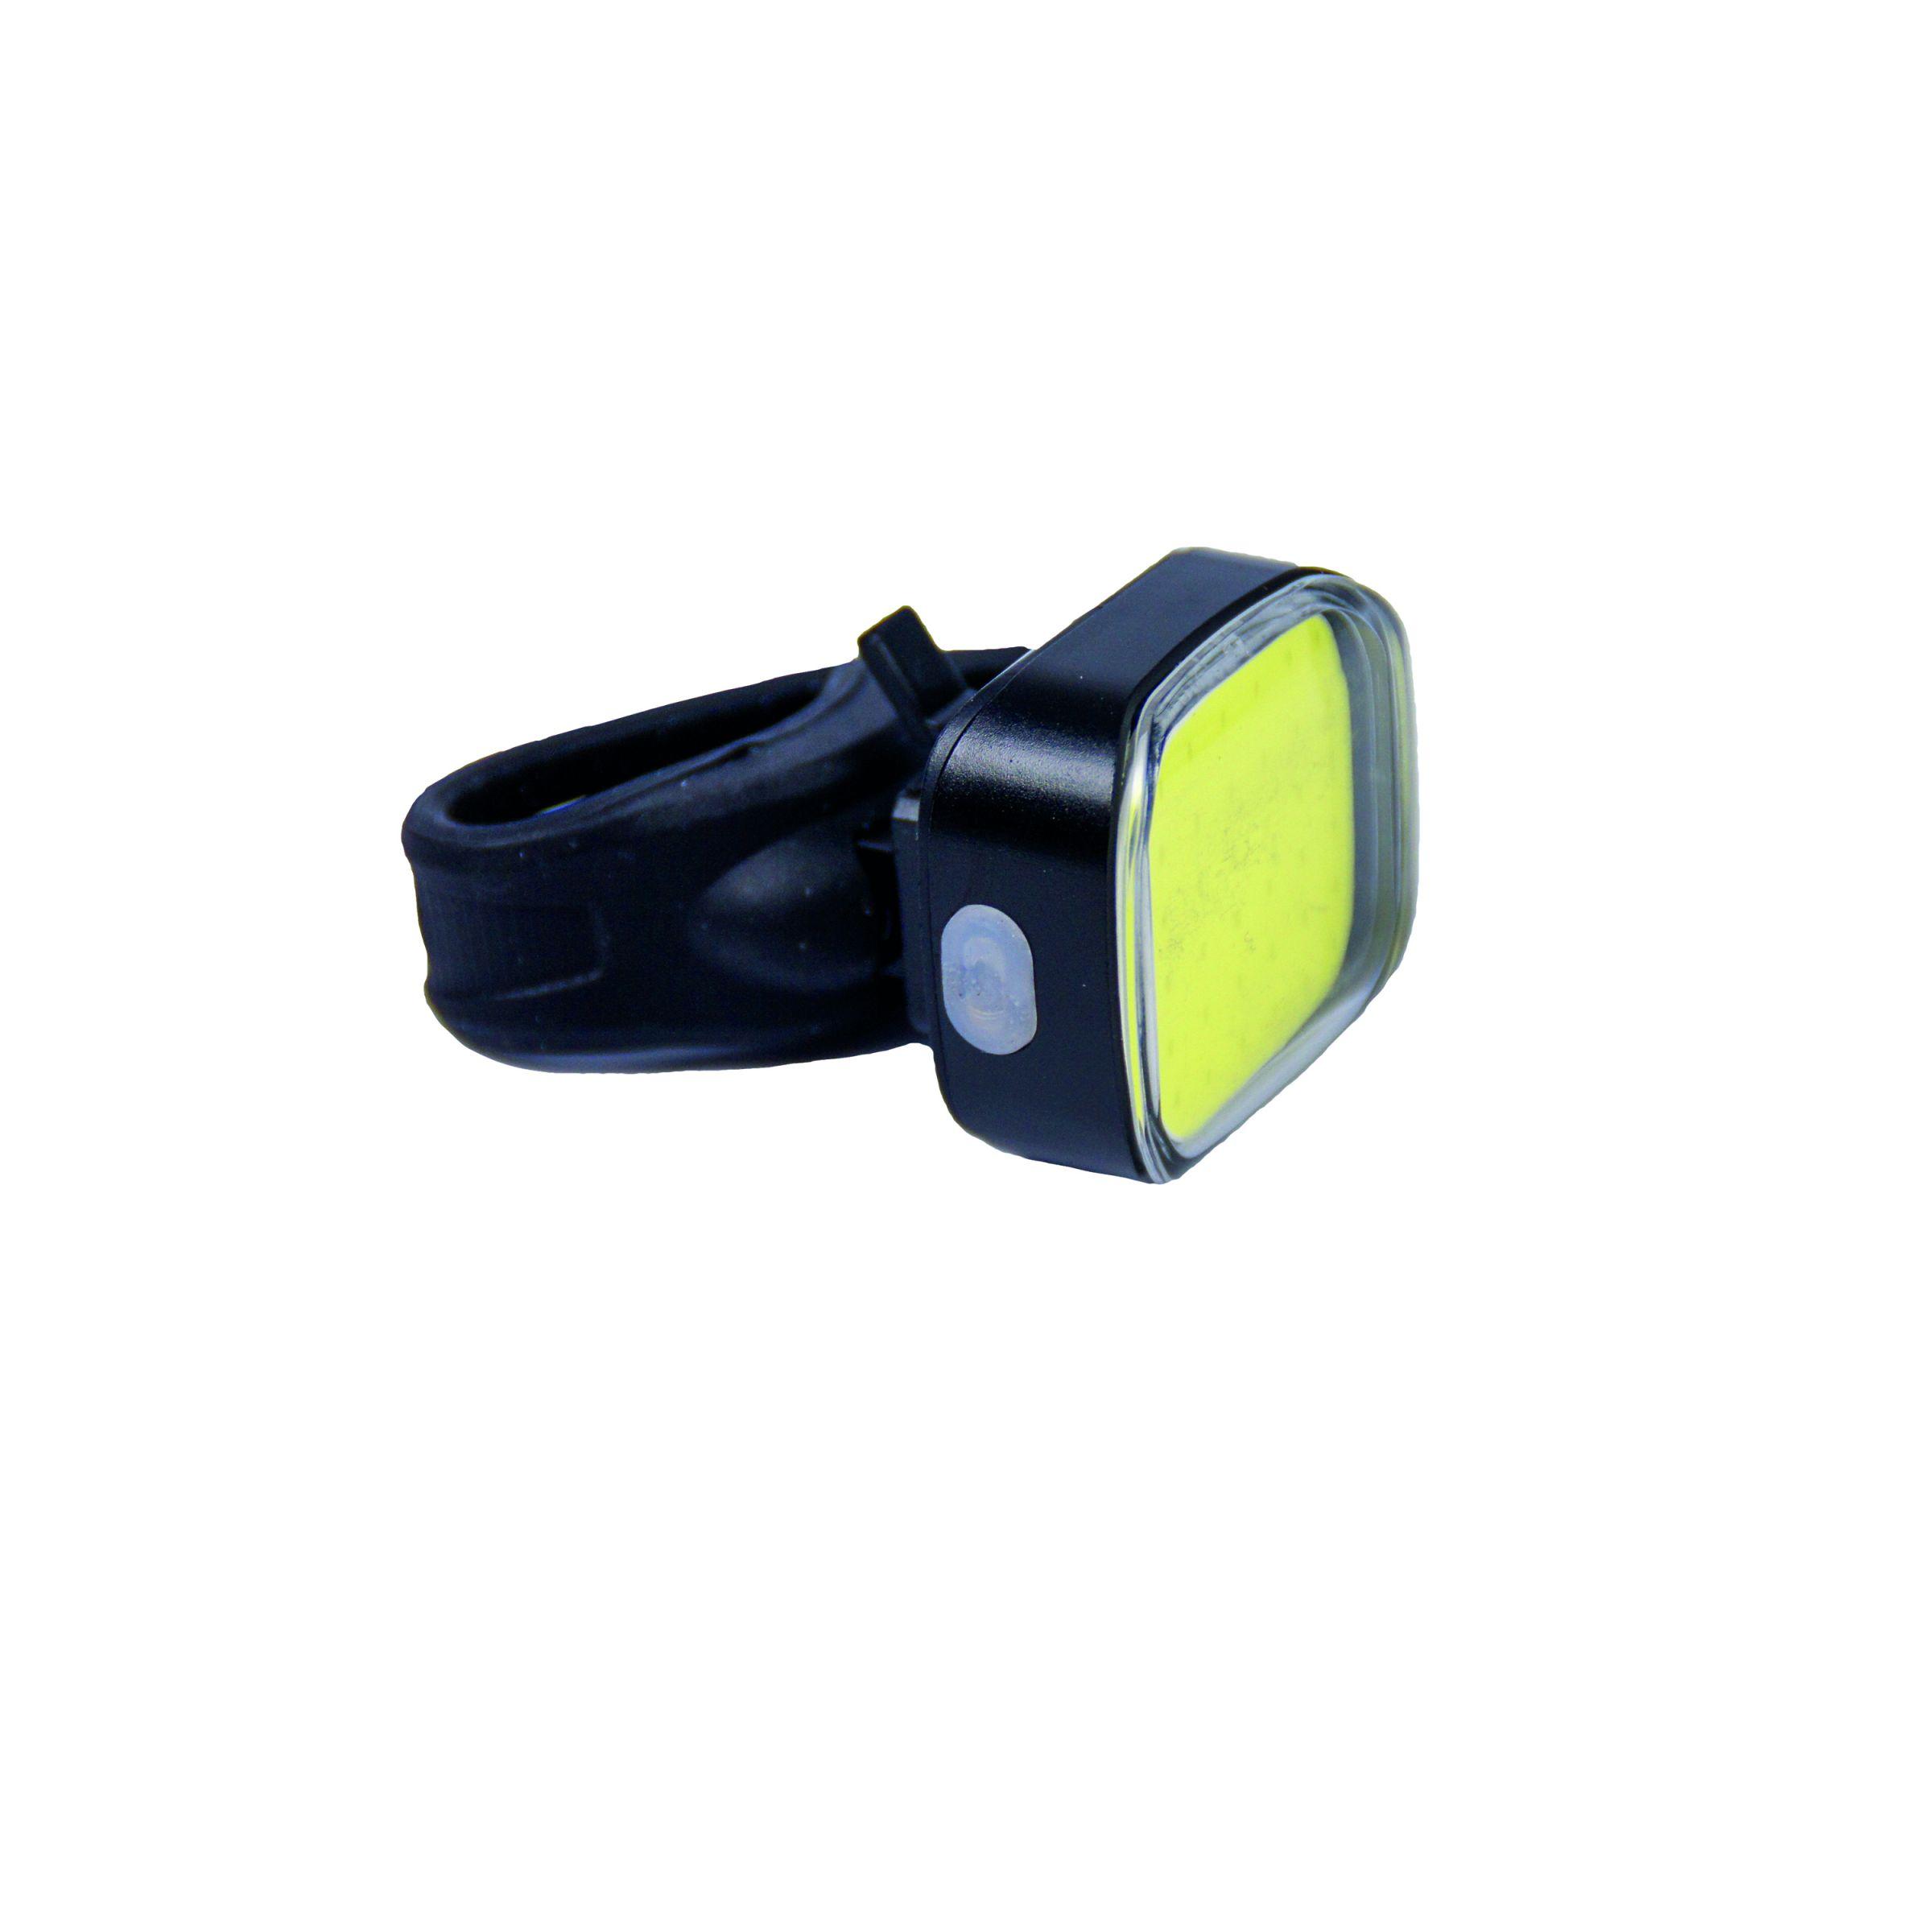 Oplaadbaar fietslampje - Voorlicht